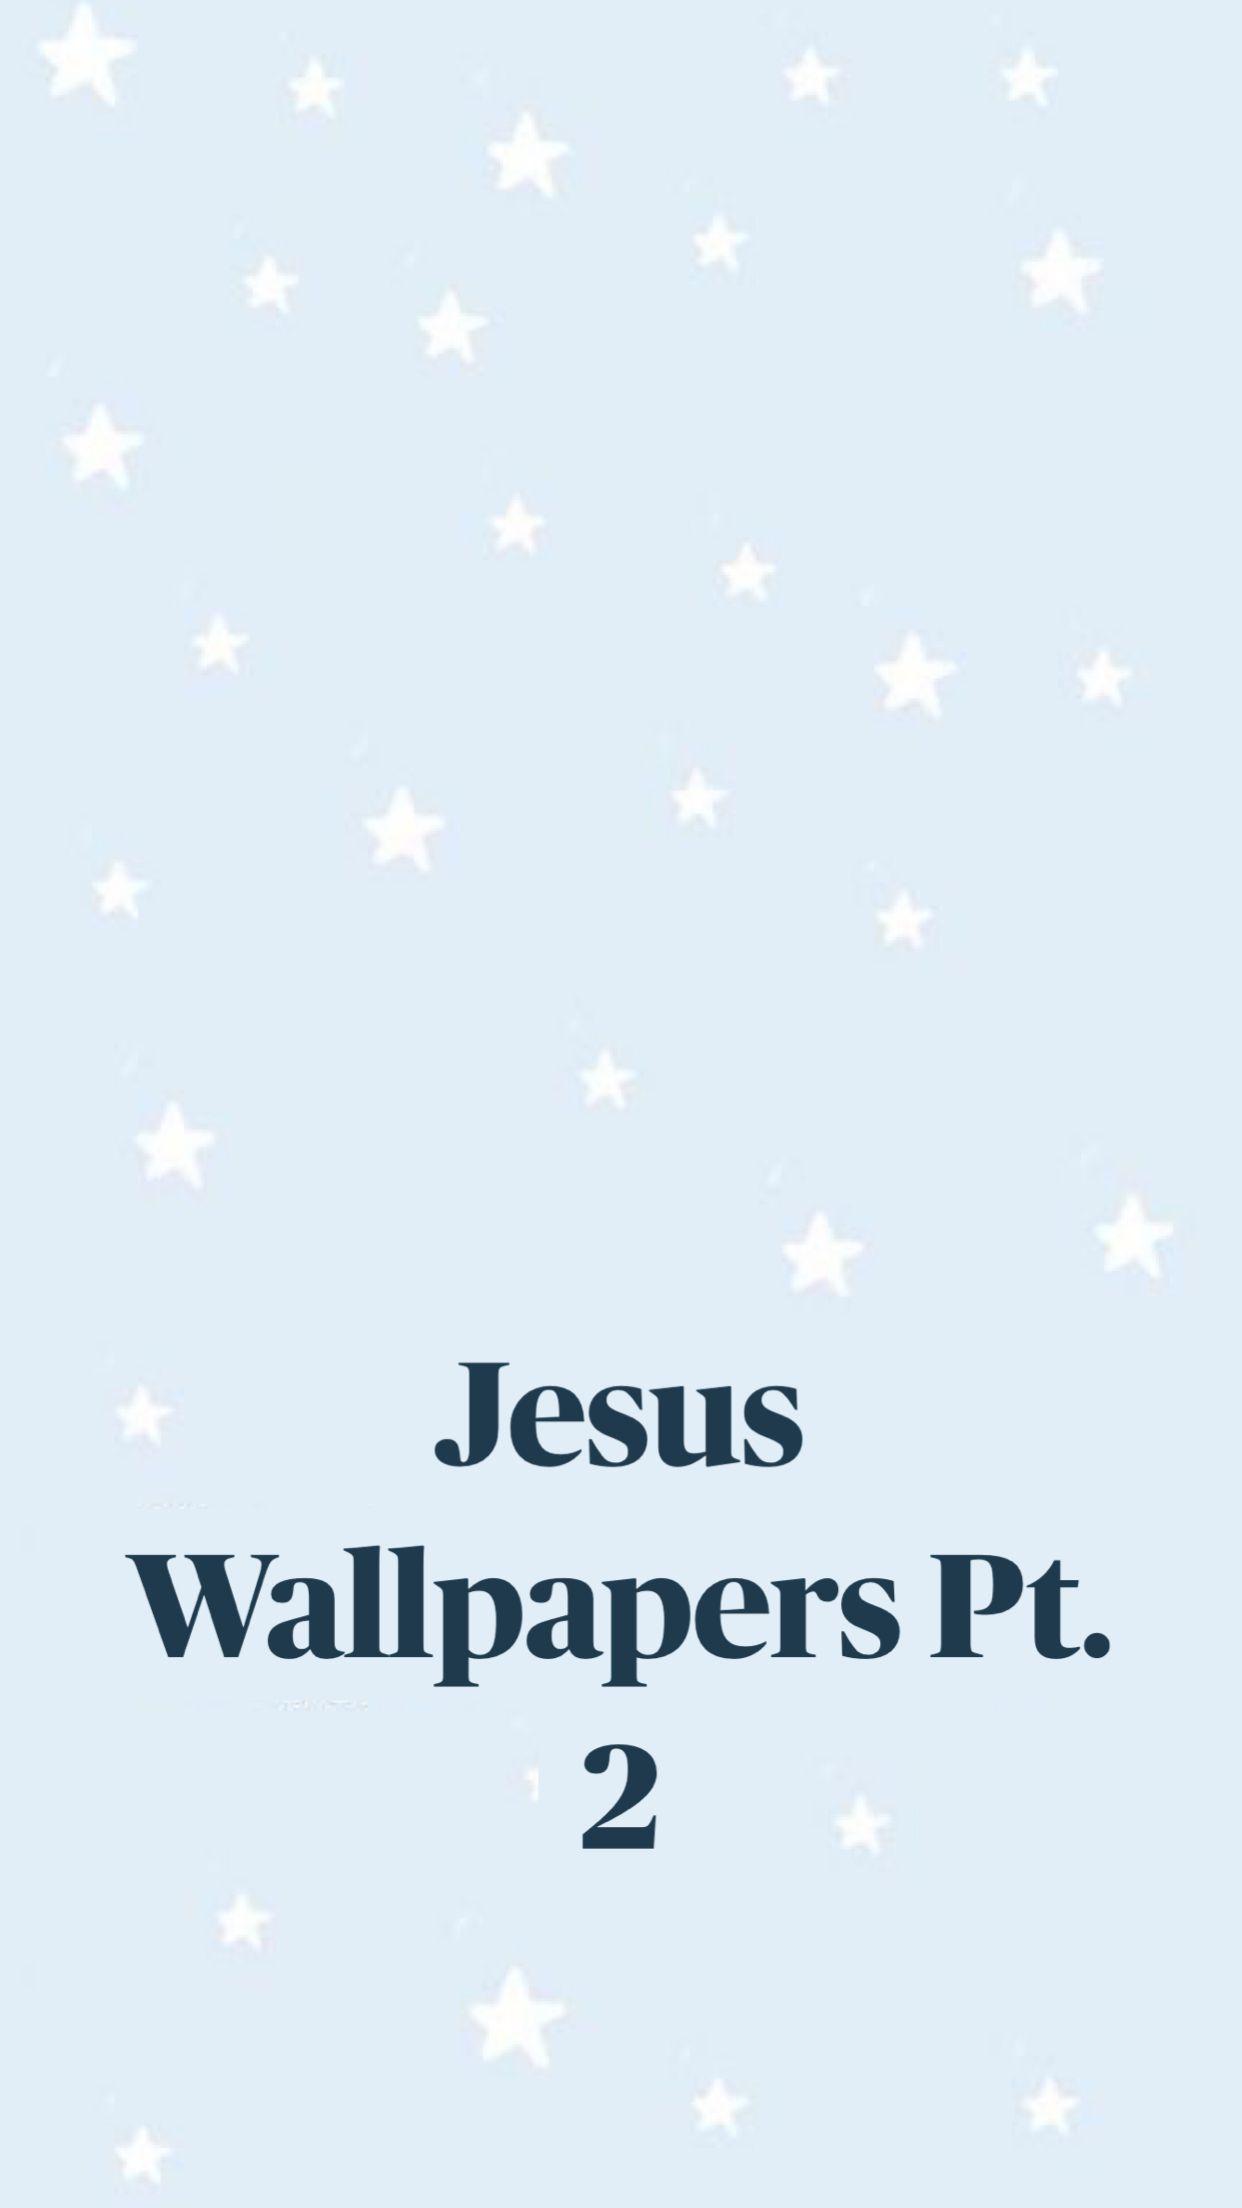 Jesus Wallpapers Pt. 2